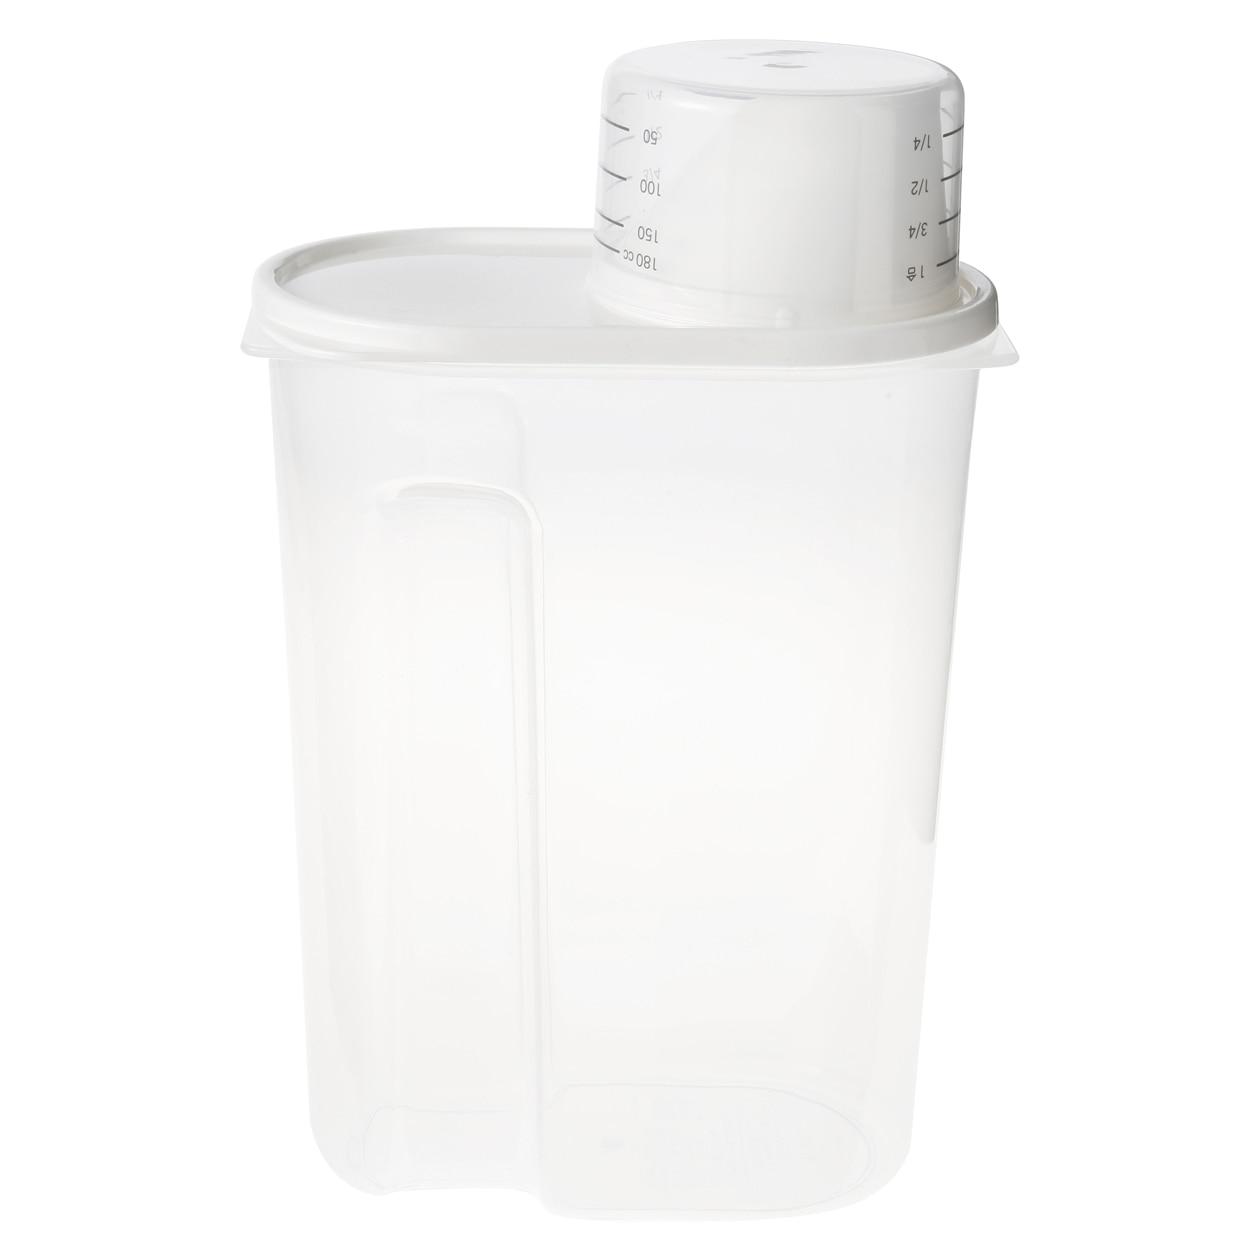 冷蔵庫用米保存容器